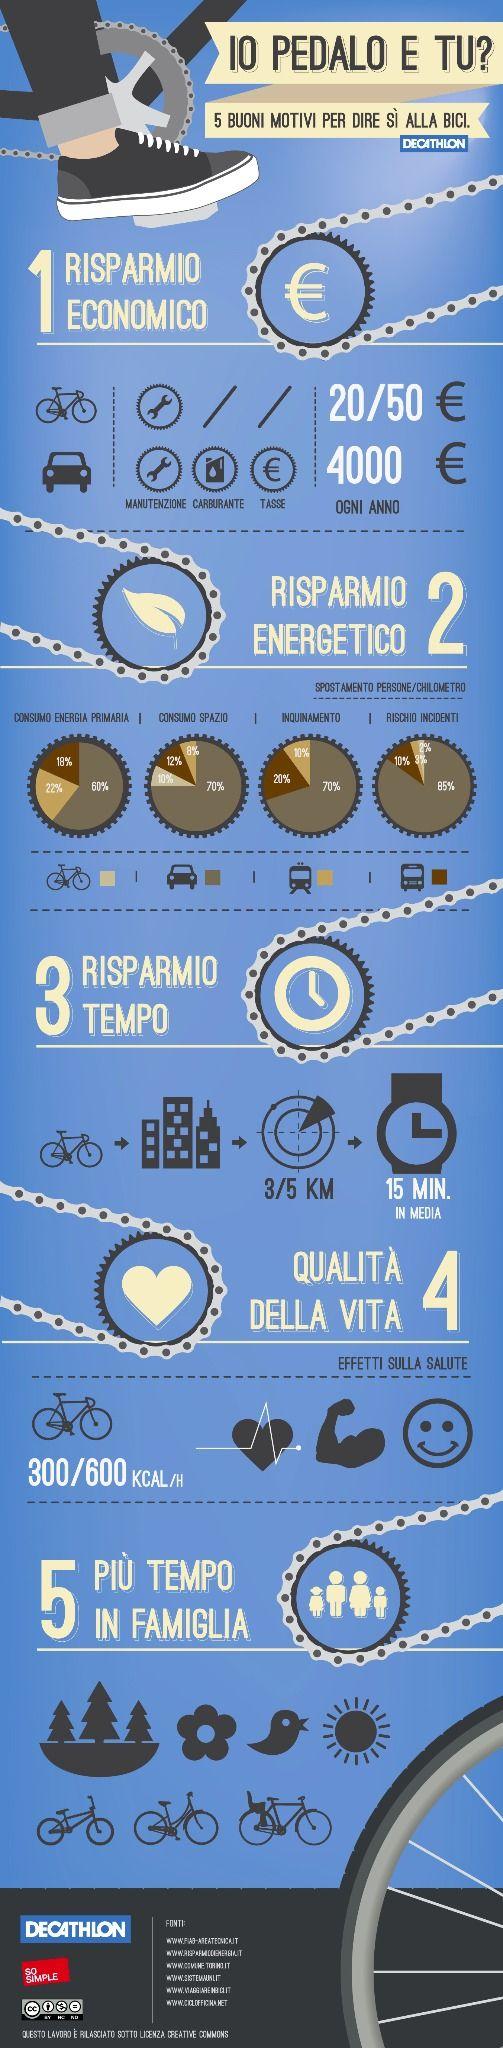 5 buoni motivi per scegliere la bici